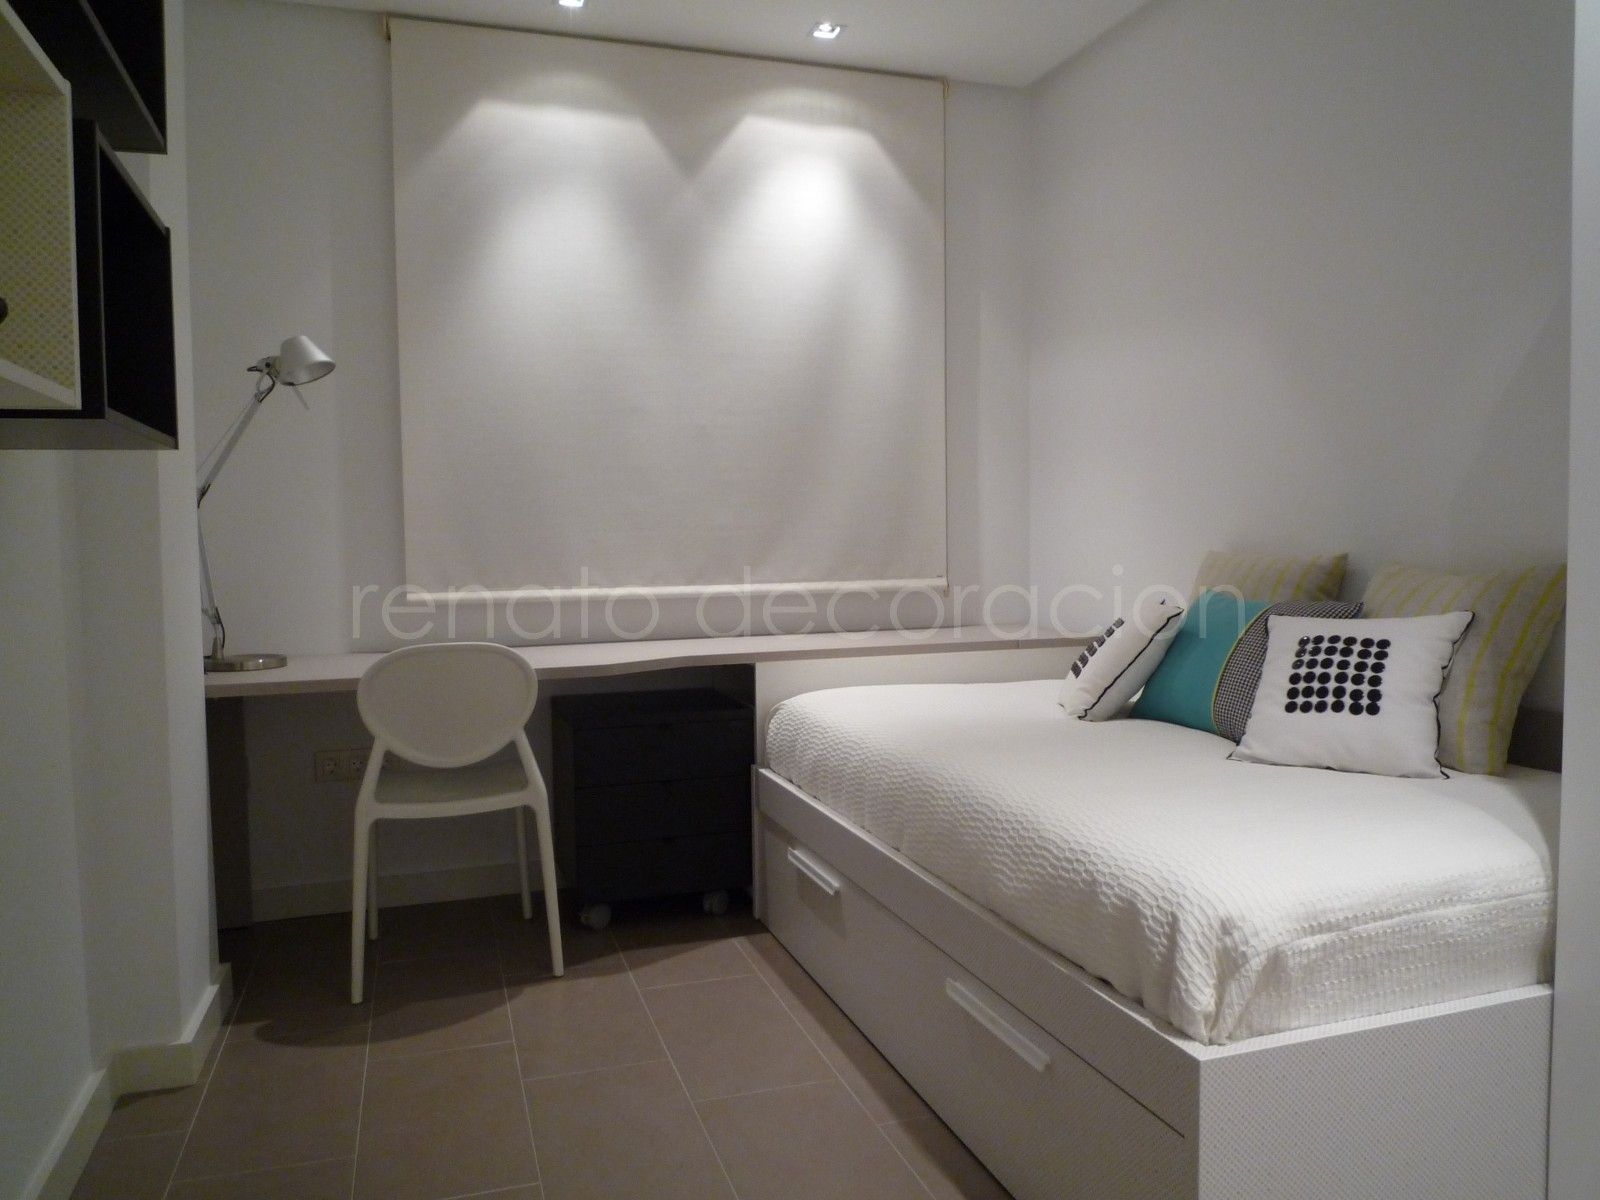 cortinas dormitorio decoracion juvenil cuartos juveniles dormitorios juveniles decoration youth youth rooms youth bedroom - Cortinas Habitacion Juvenil